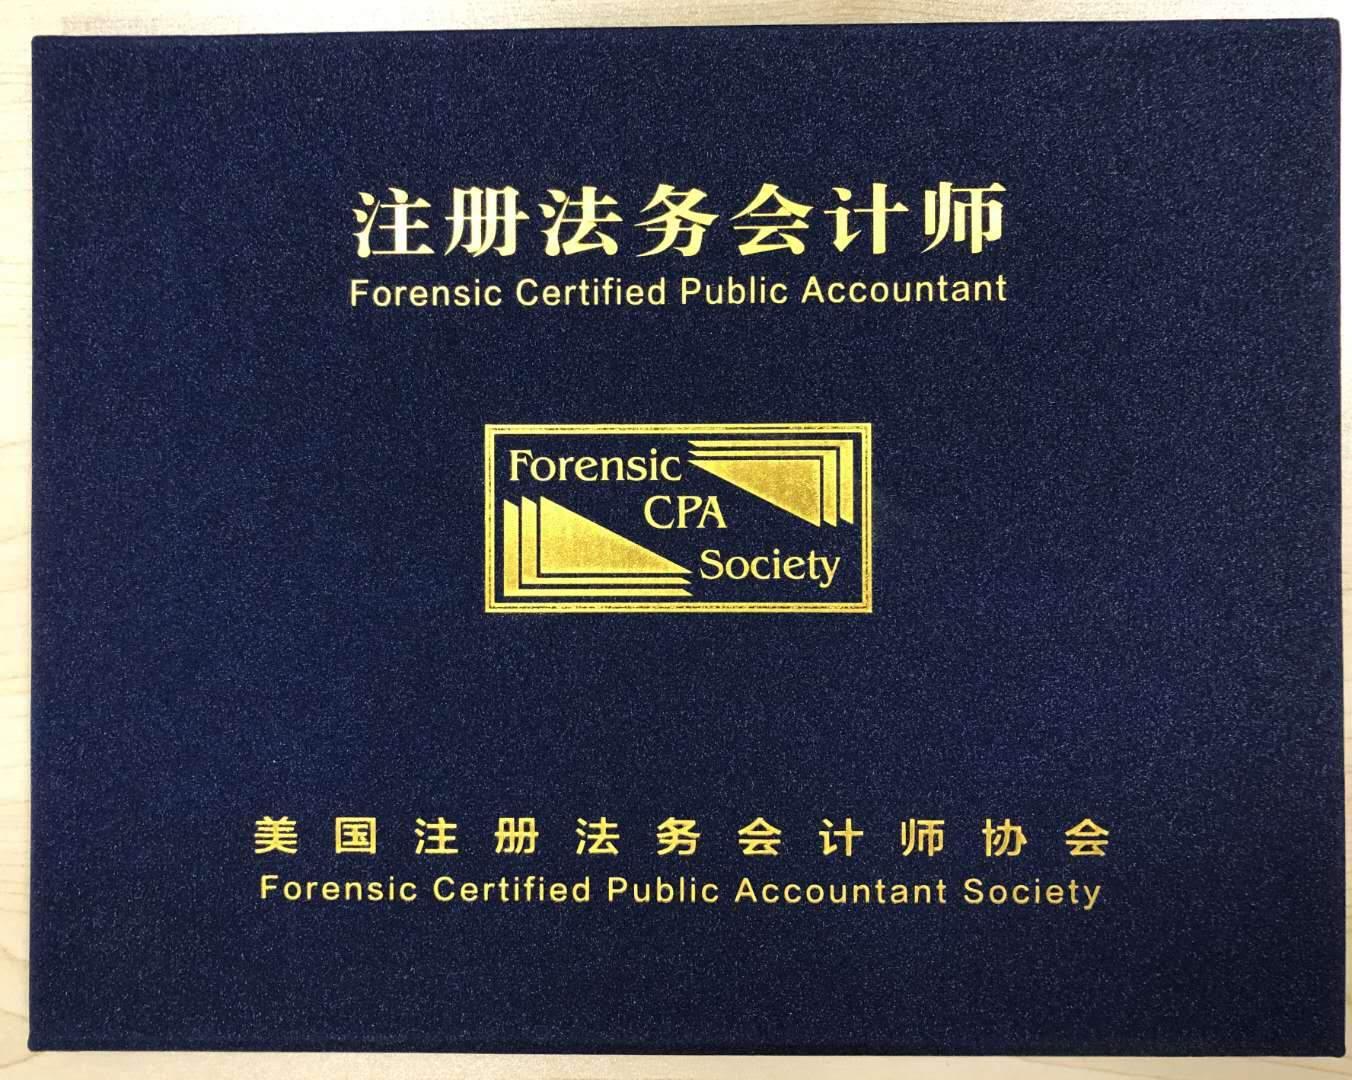 北京启信法务会计师FCPA培训考试多少学费